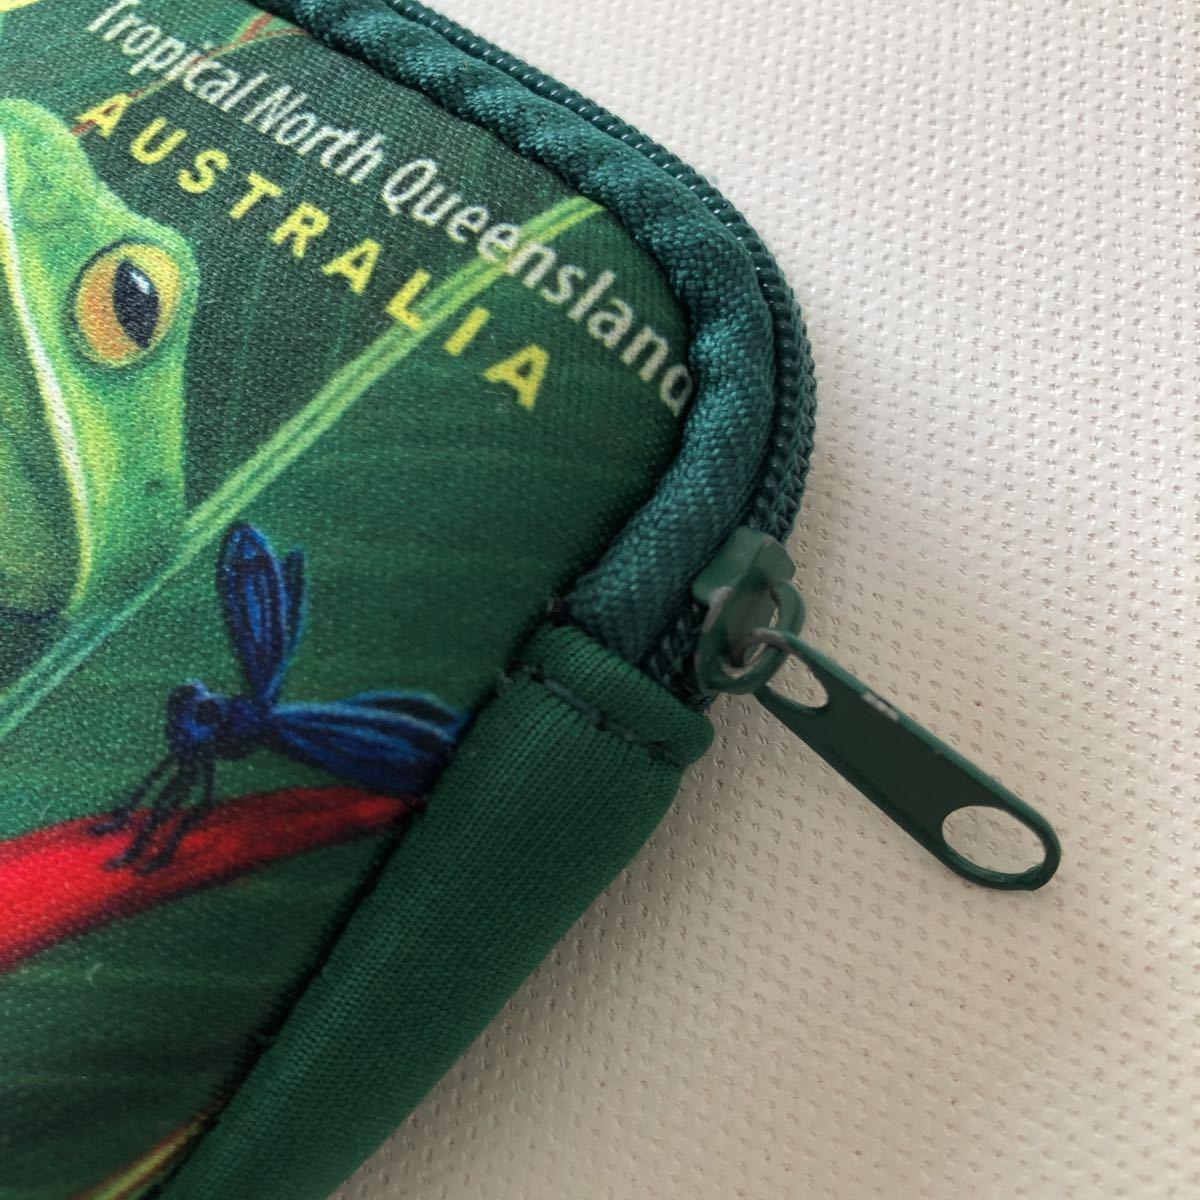 オーストラリア お土産 小物入れ ミニポーチ ポーチ ファスナーポーチ 小銭入れ グリーン 爬虫類_画像2